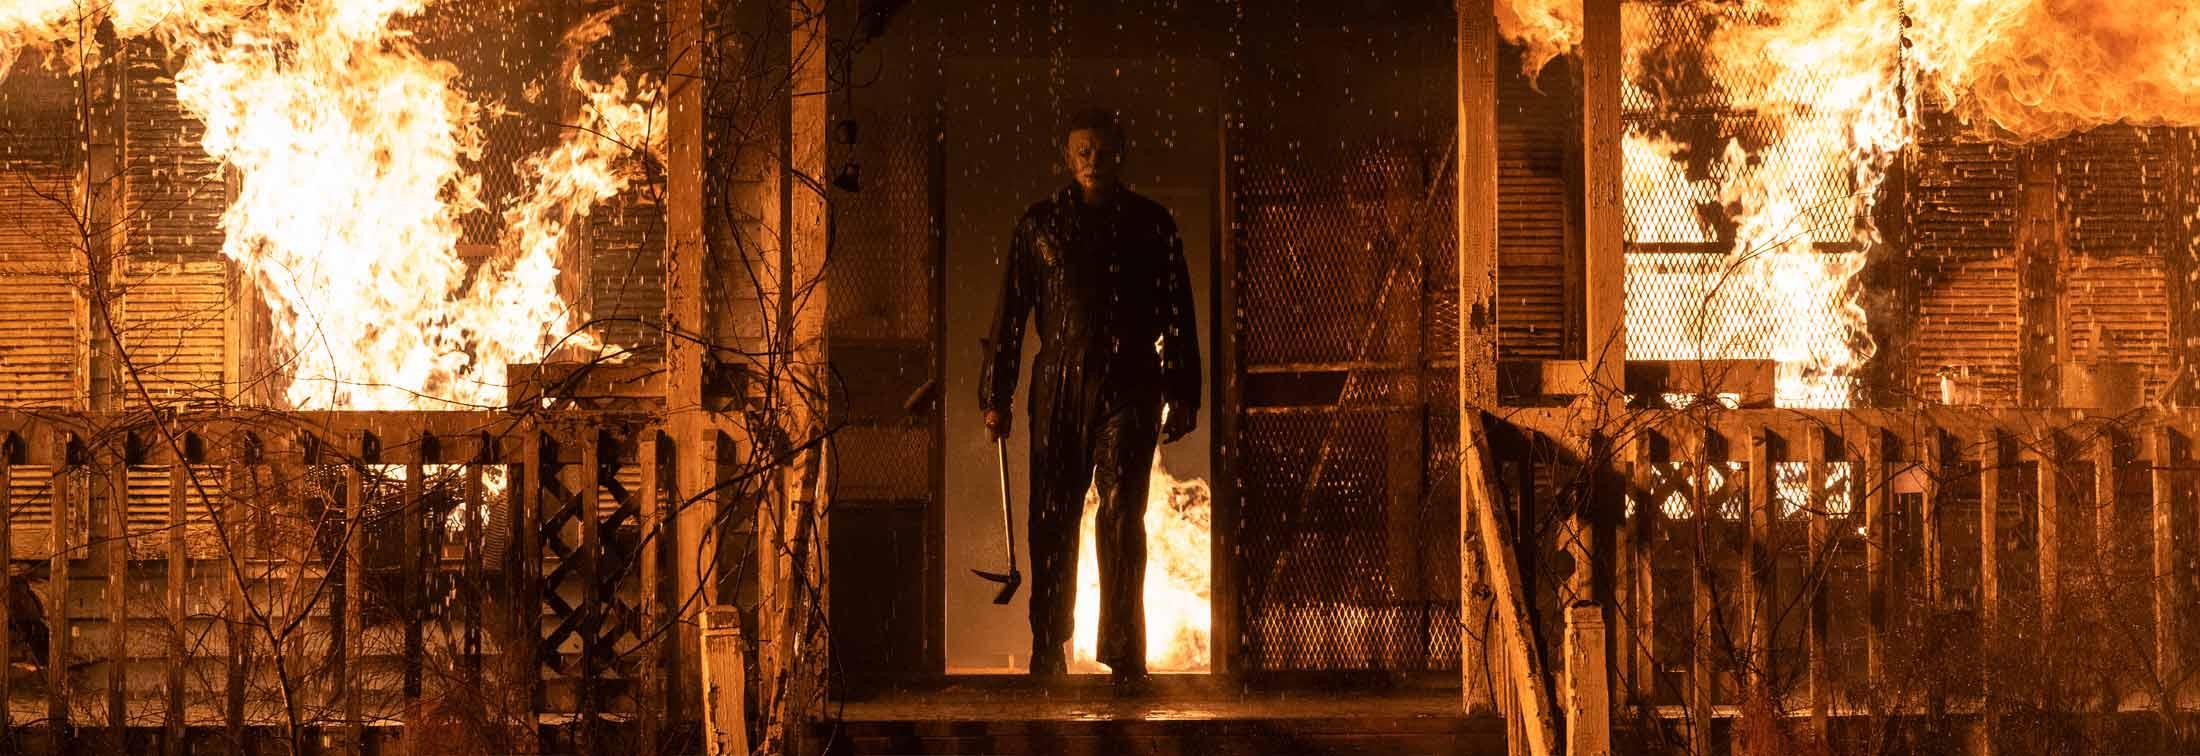 Halloween Kills - Killer sequel is nothing but filler